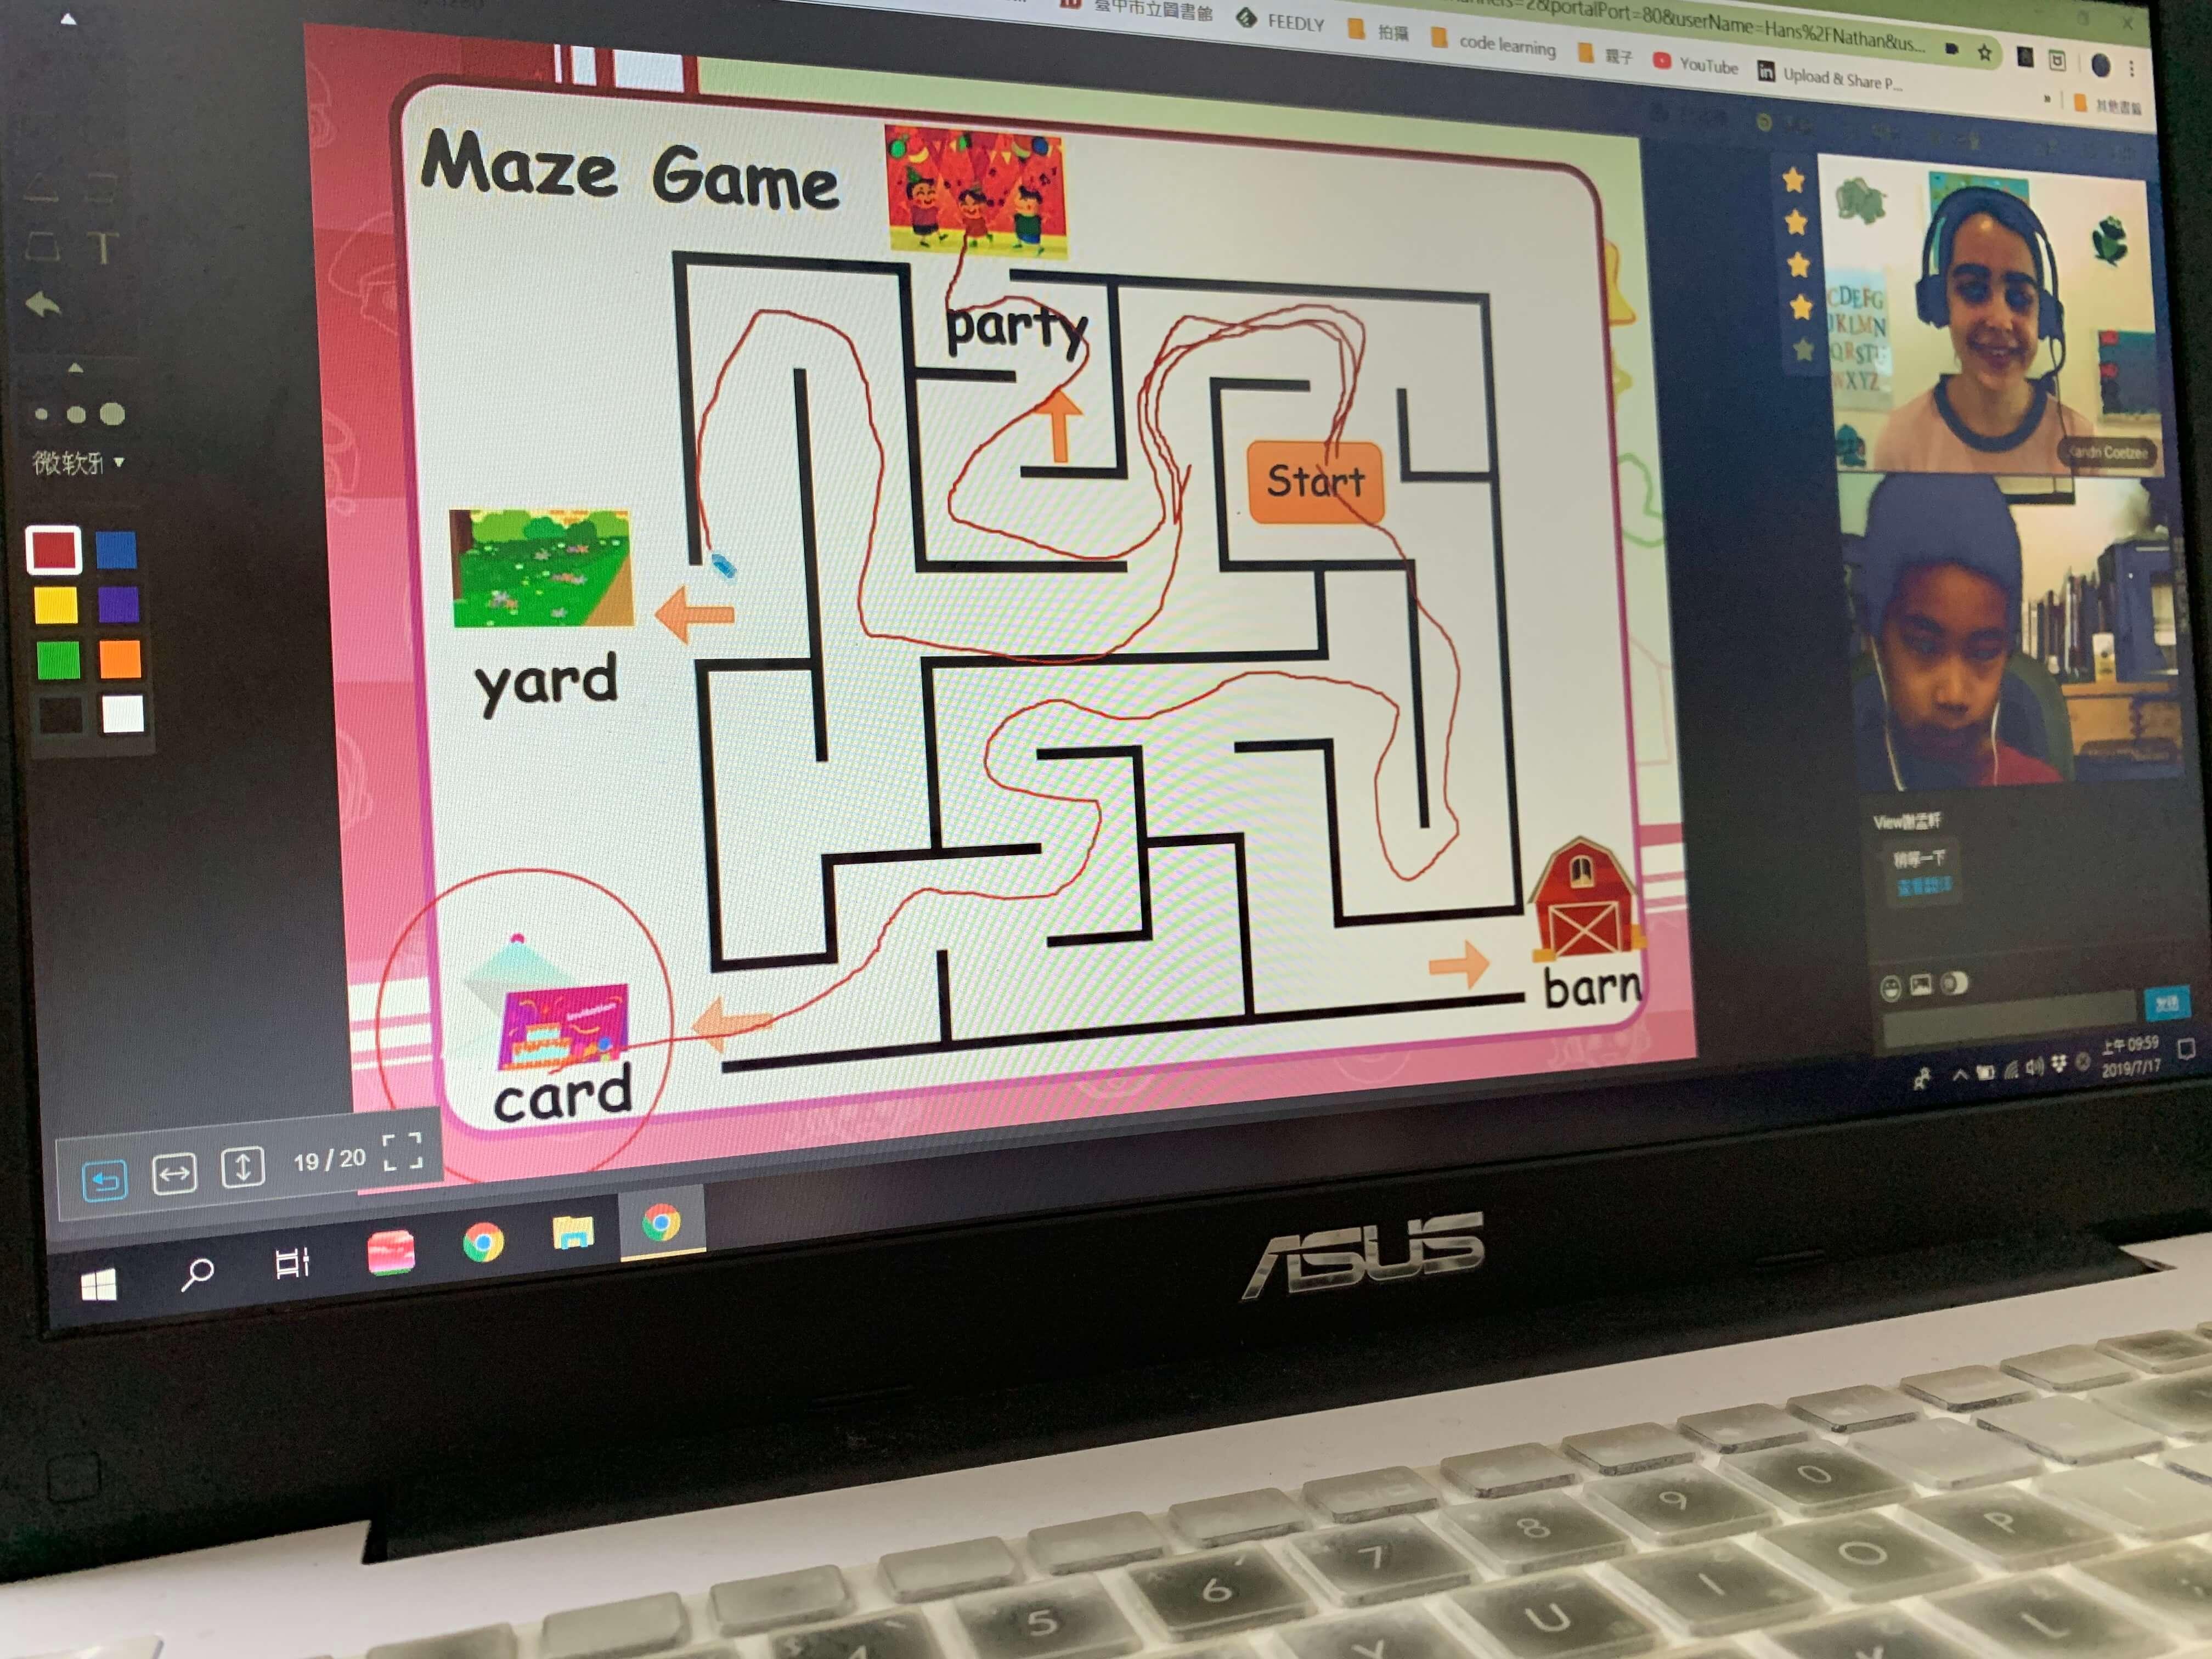 線上學習打破時間和空間限制,多元學習的新選擇!   Learning Fun